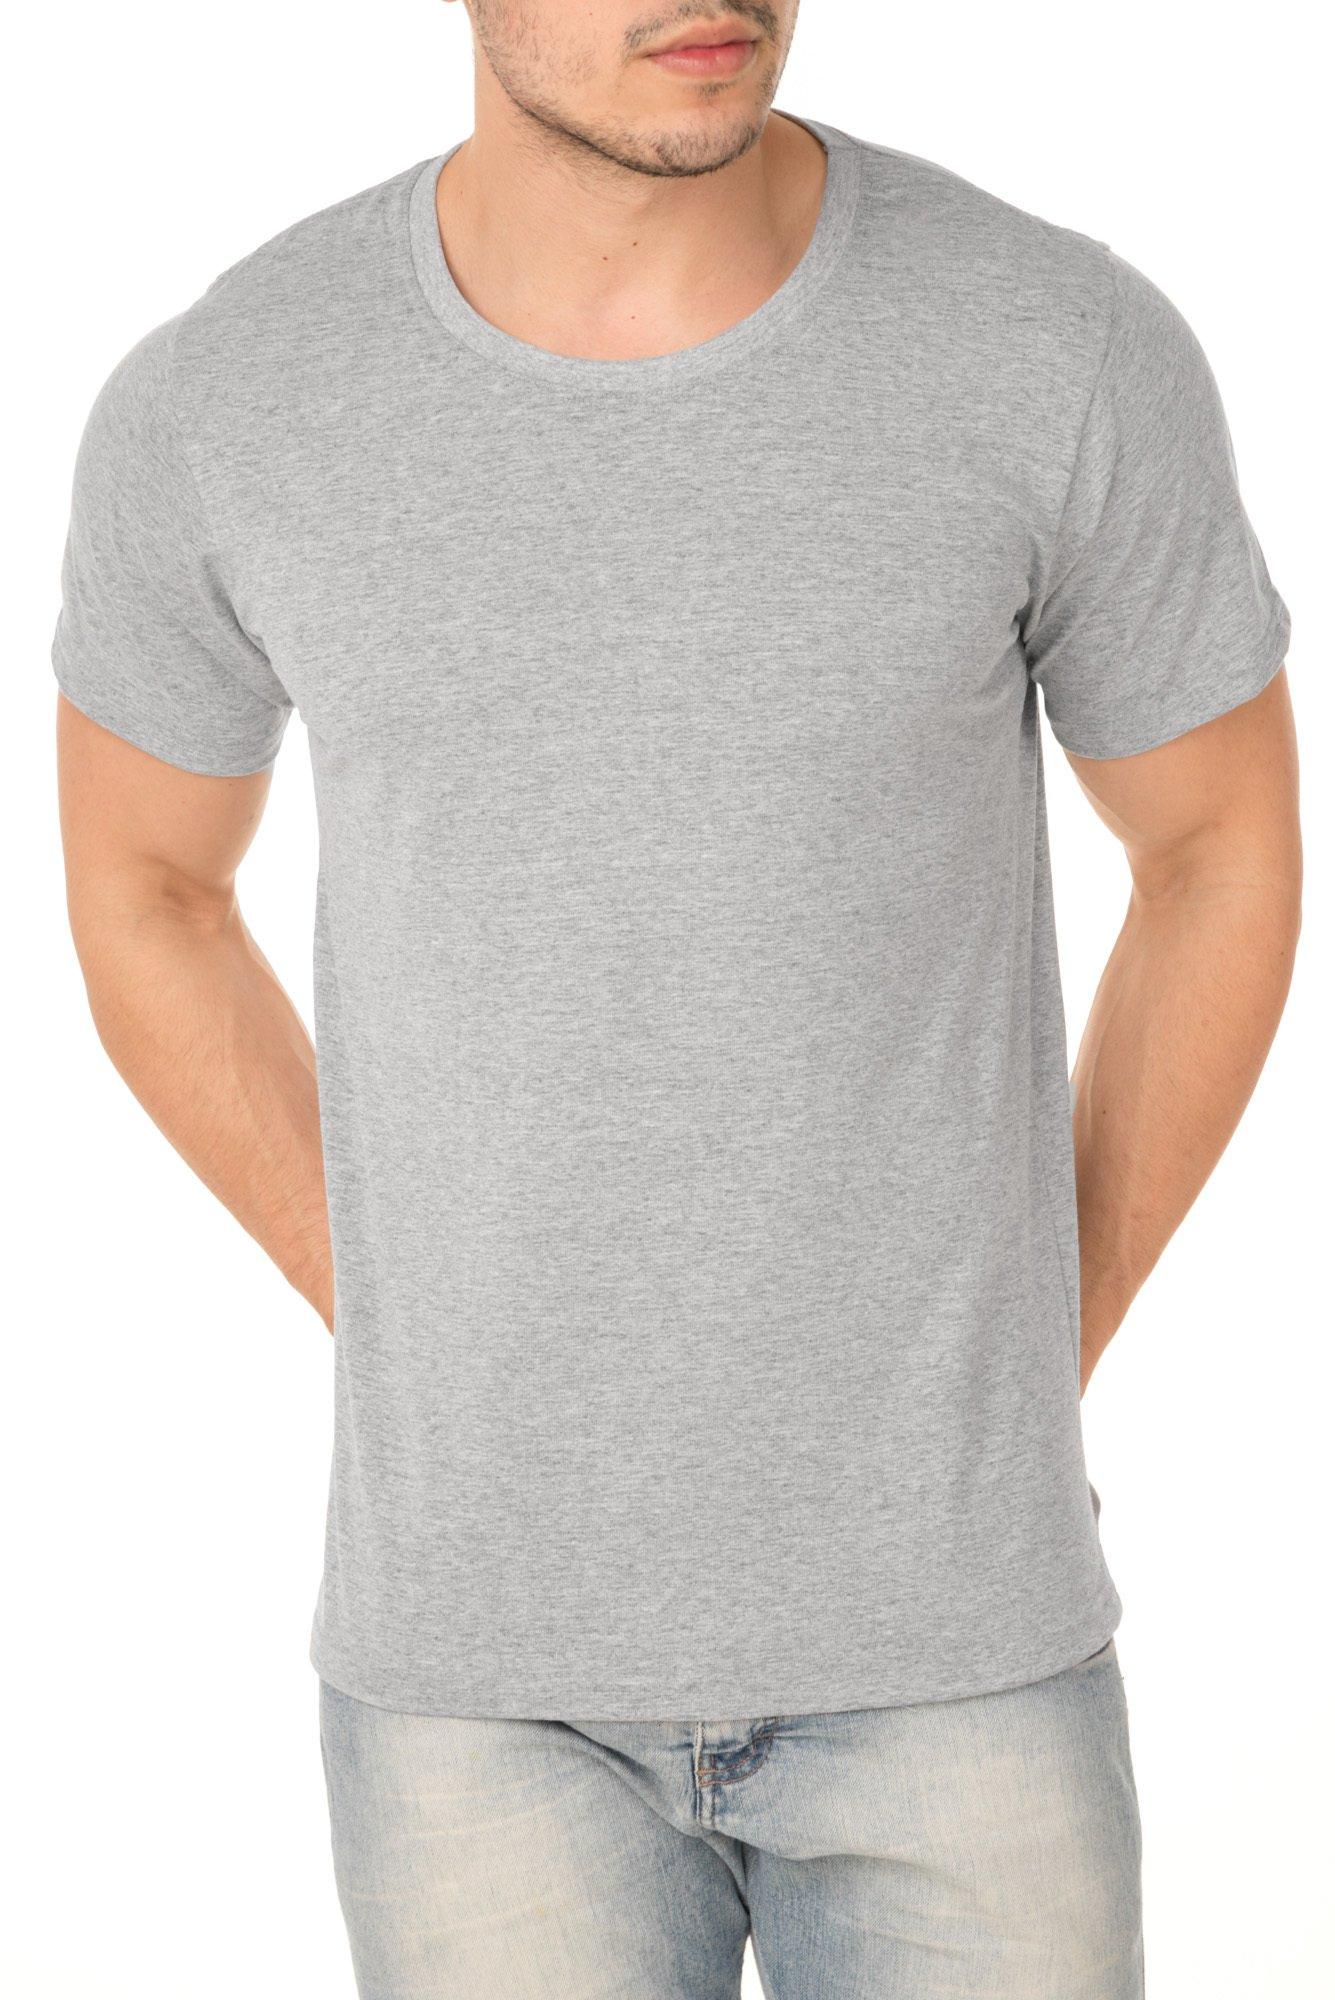 Camiseta de Algodão Cinza Mescla